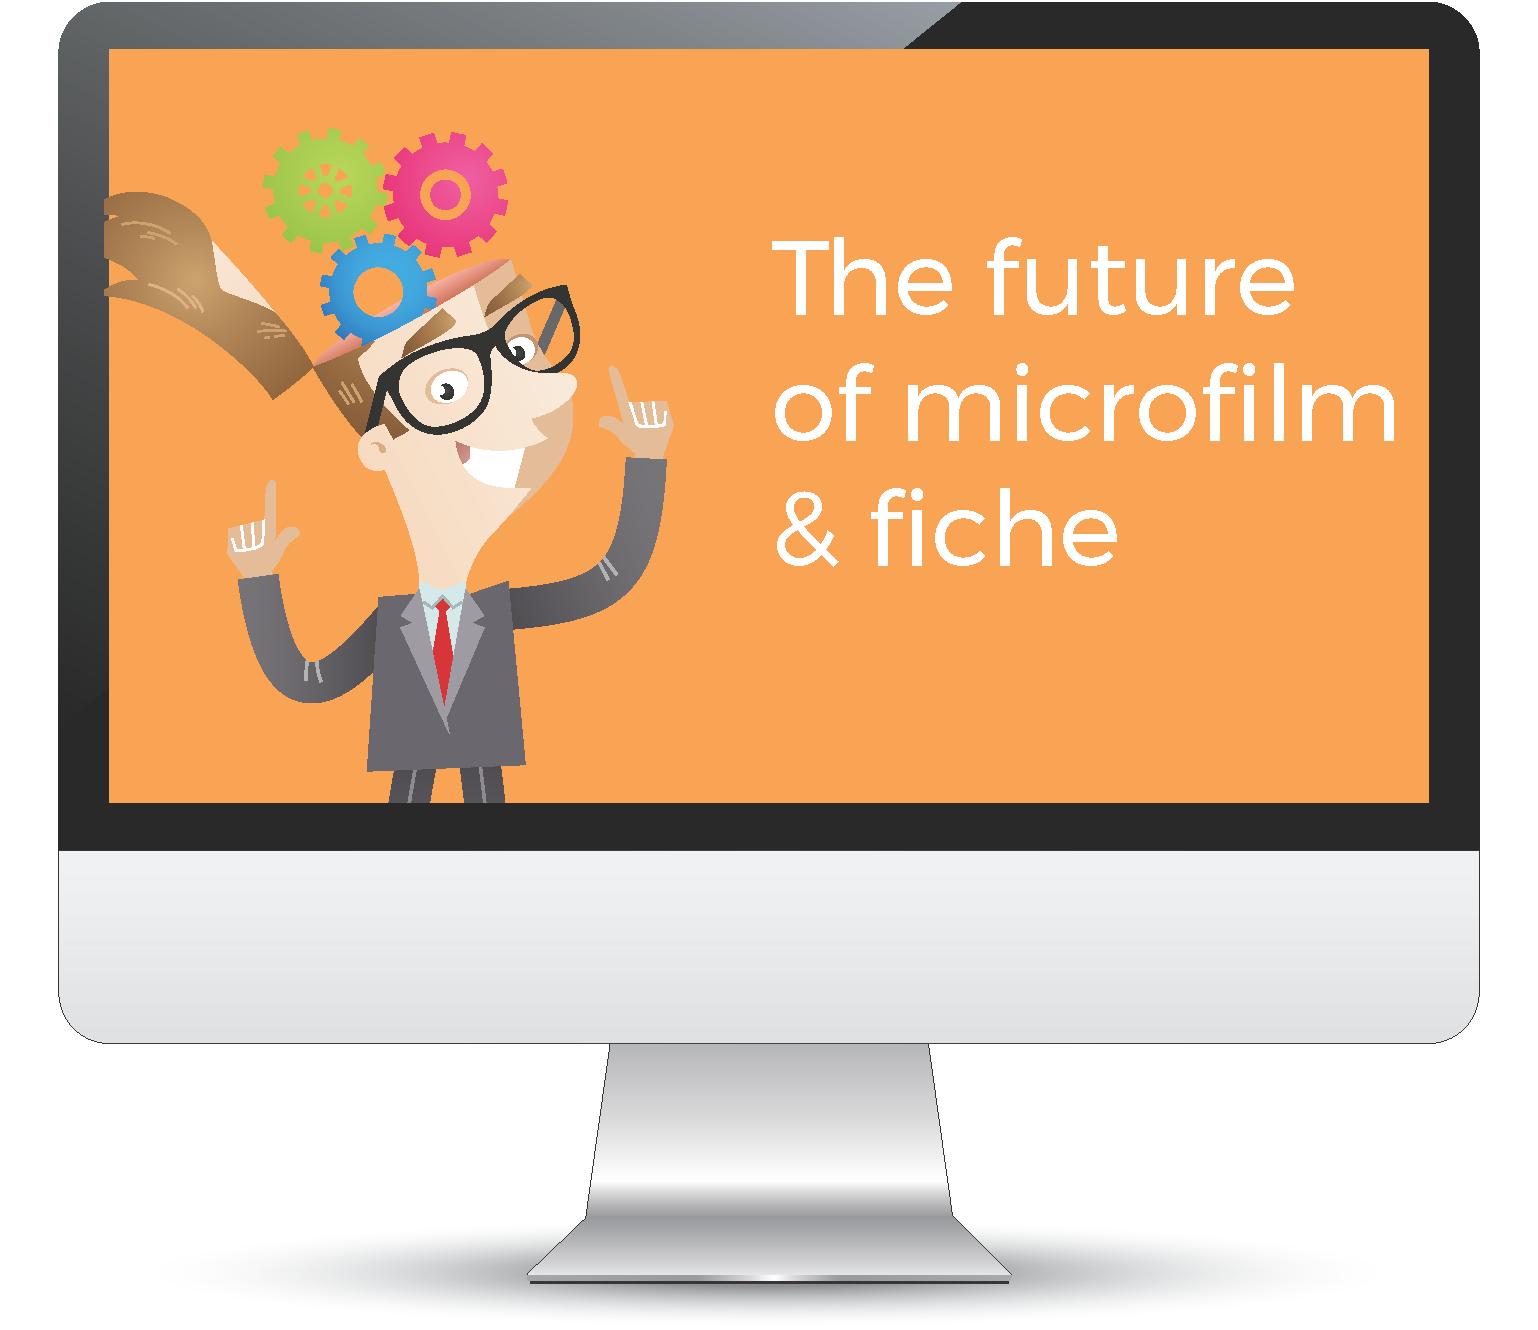 Future of microfilm